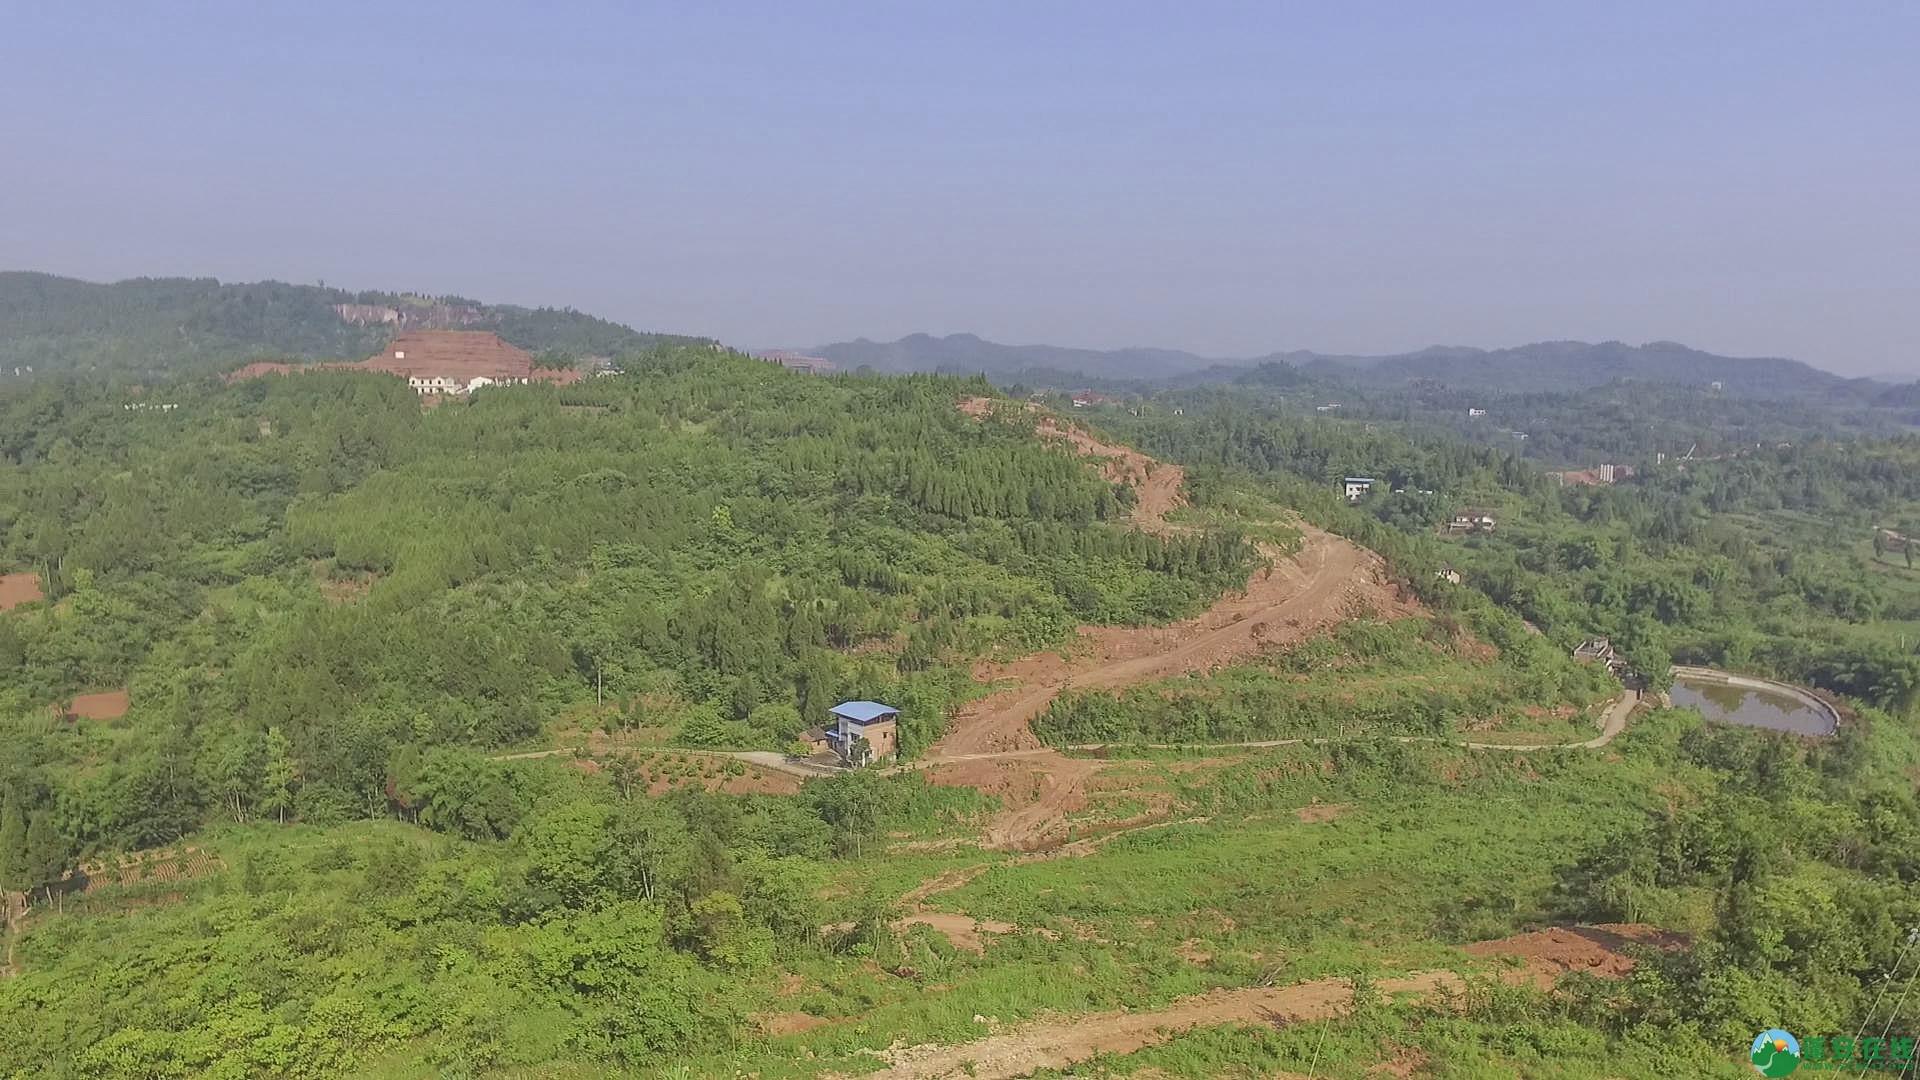 蓬安锦屏段S305省道改线工程进展 - 第11张  | 蓬安在线